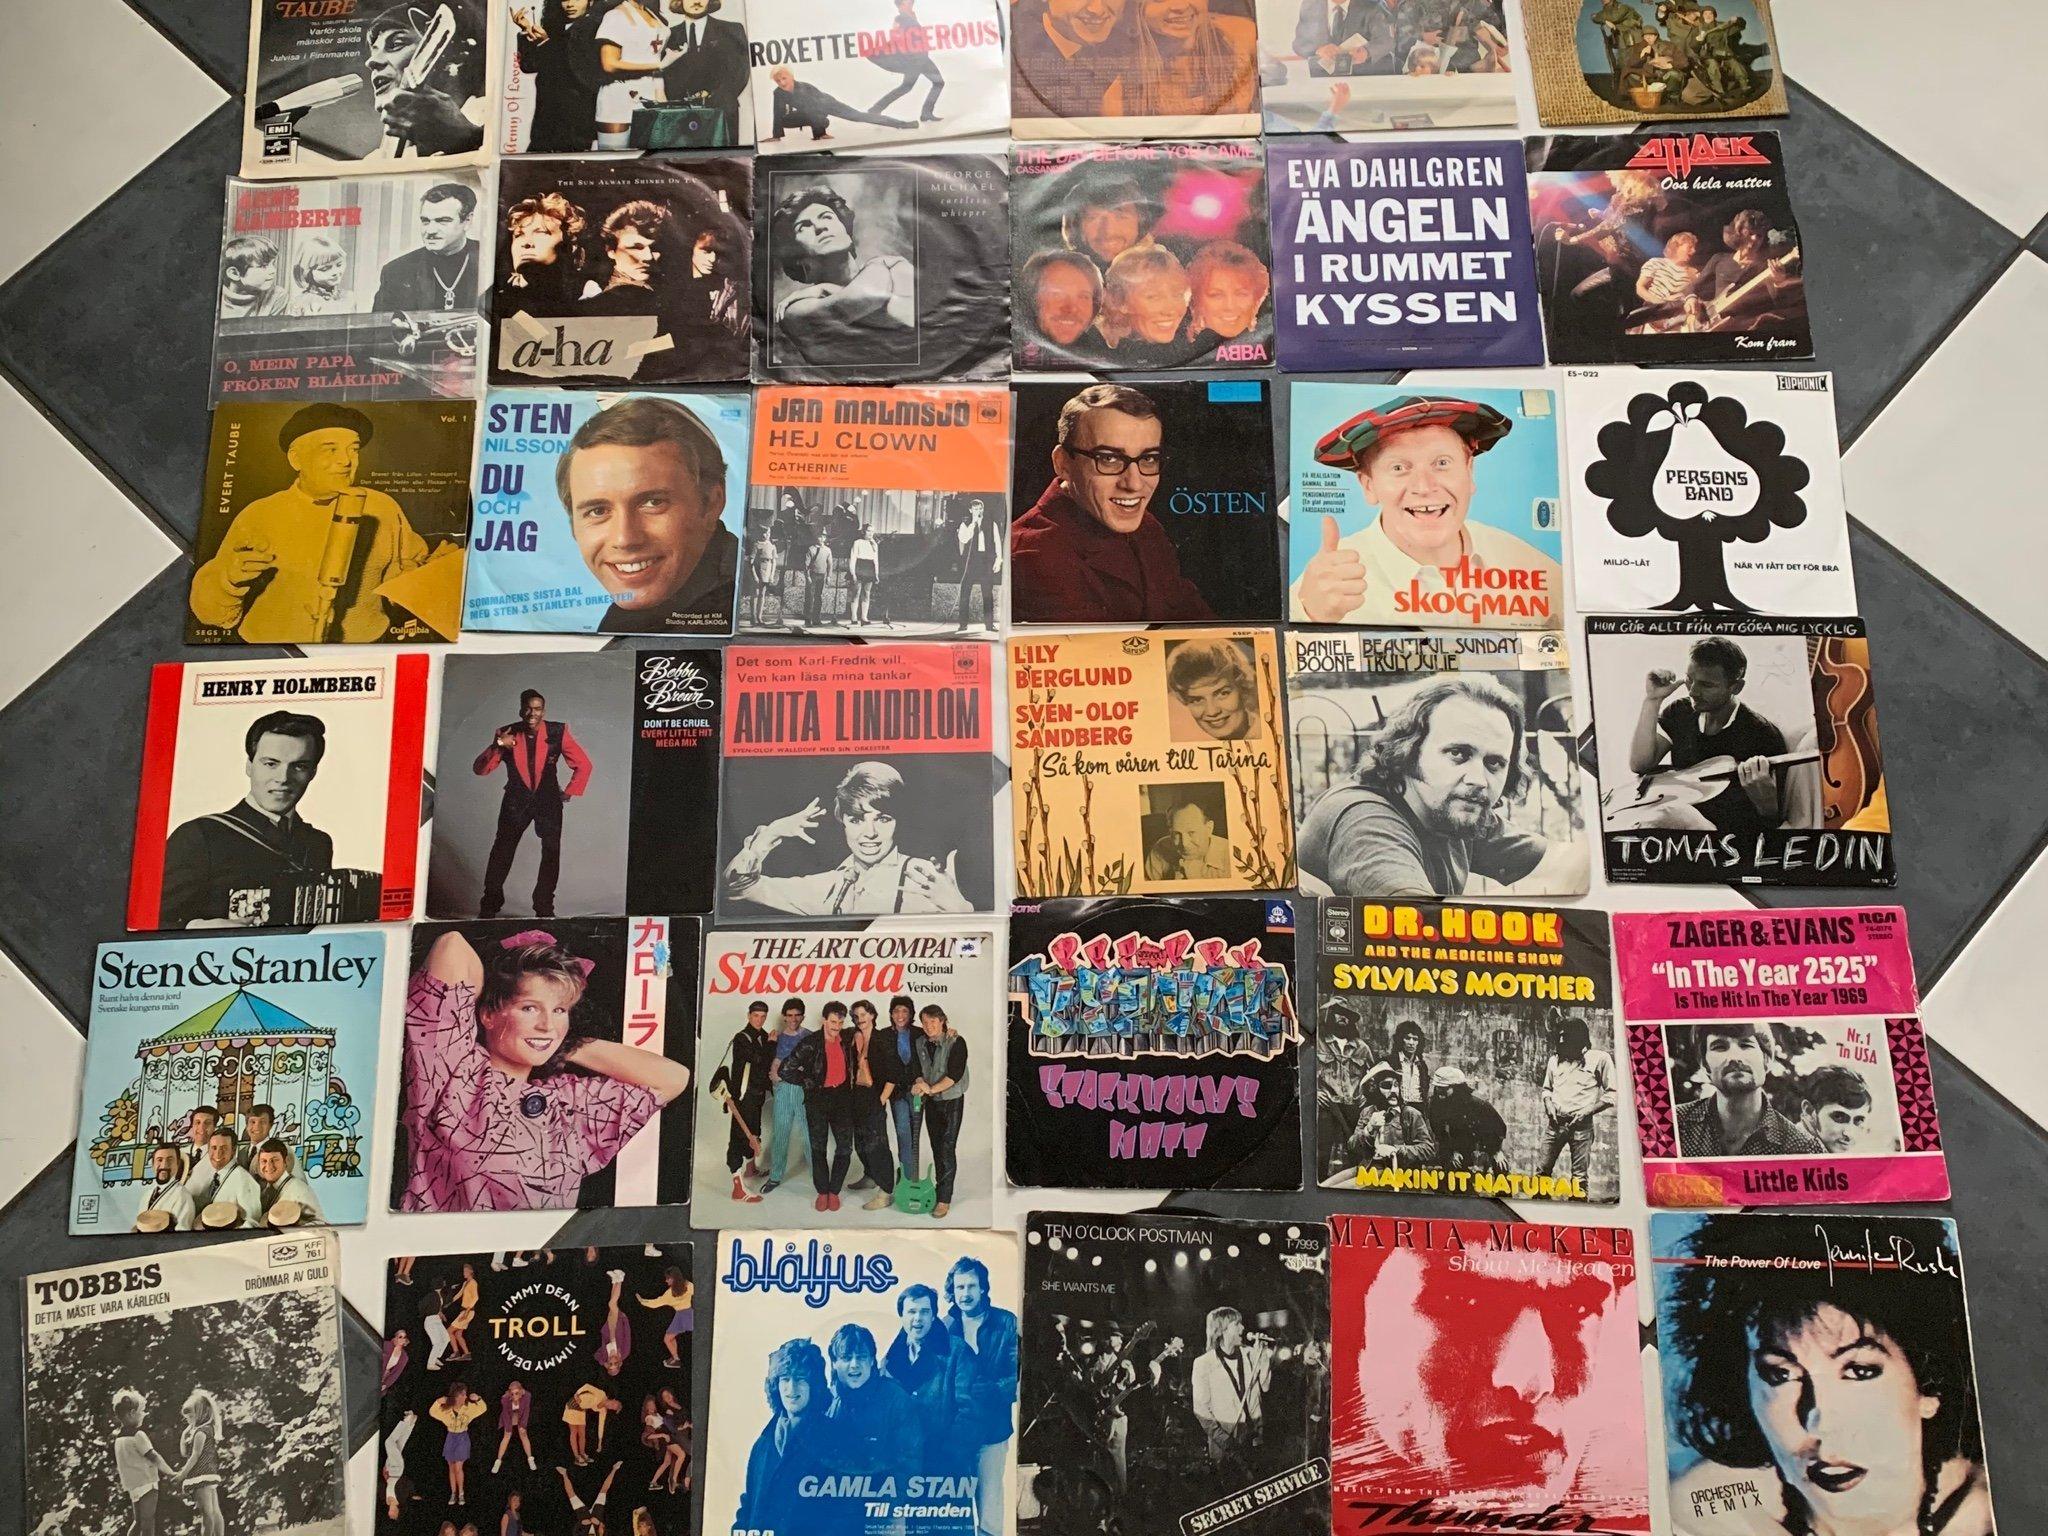 vinylskivor singlar singel kvinna i örsundsbro